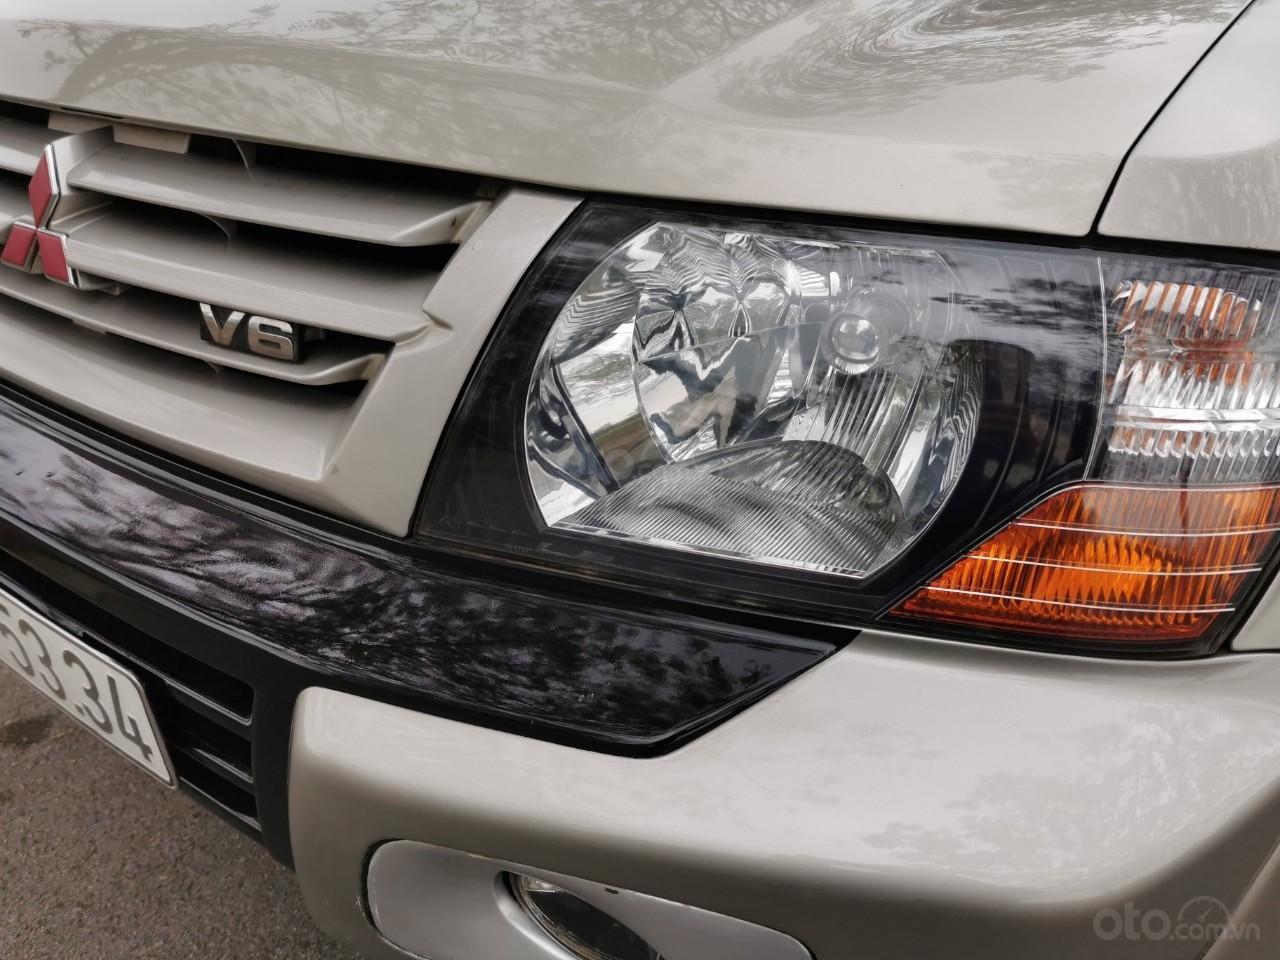 Cần Bán Xe Mitsubishi Pajero sản xuất năm 2002 (13)